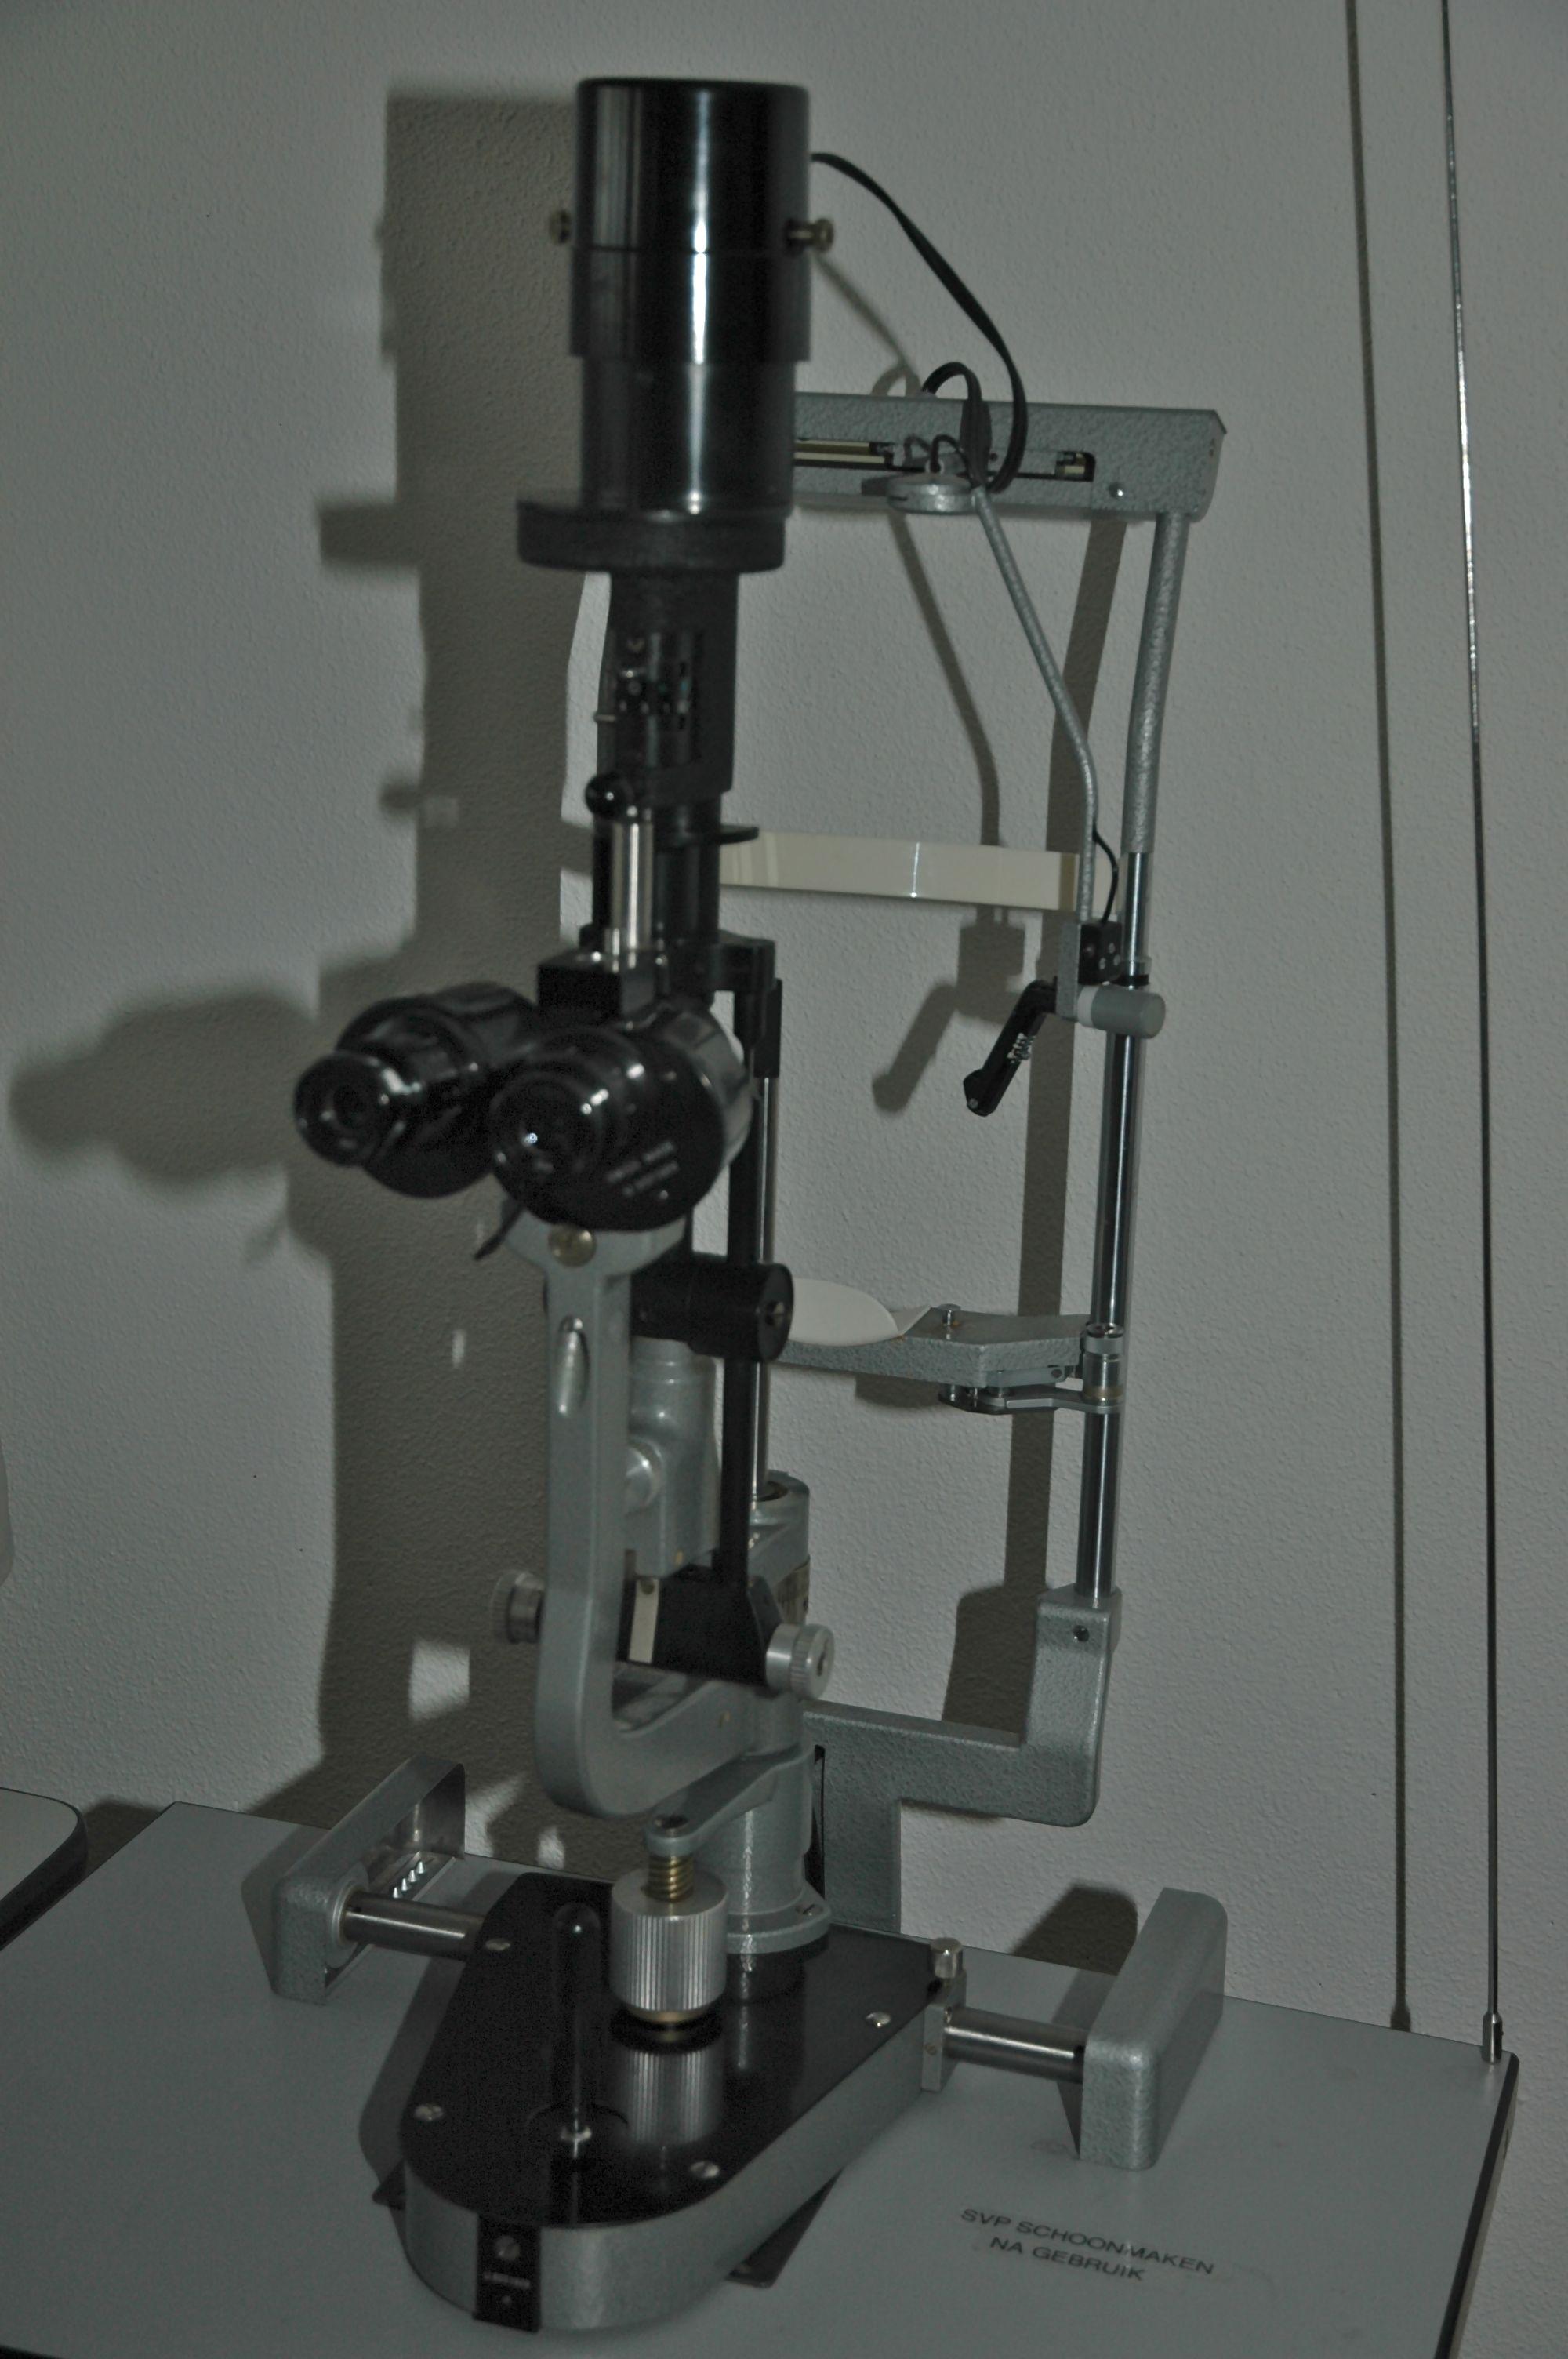 haag streit bm900 1609 spleetlamp spaltlampe slit lamp optical. Black Bedroom Furniture Sets. Home Design Ideas